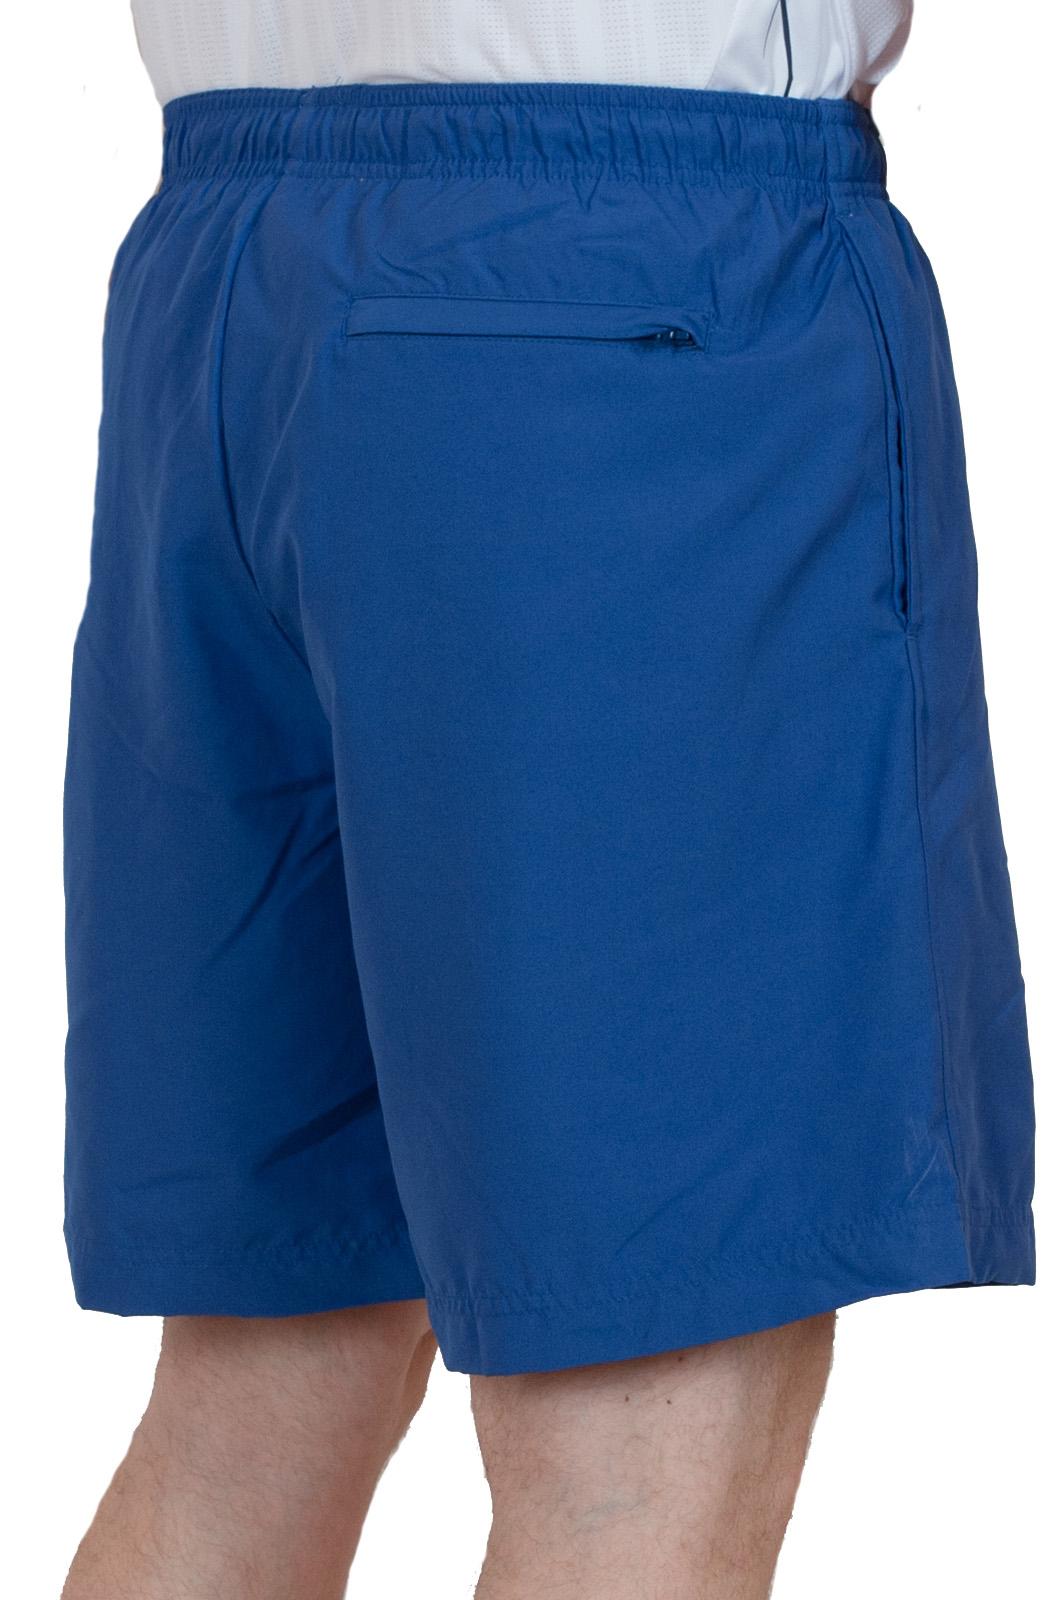 Итальянские шорты для мужчин Fila - вид сзади